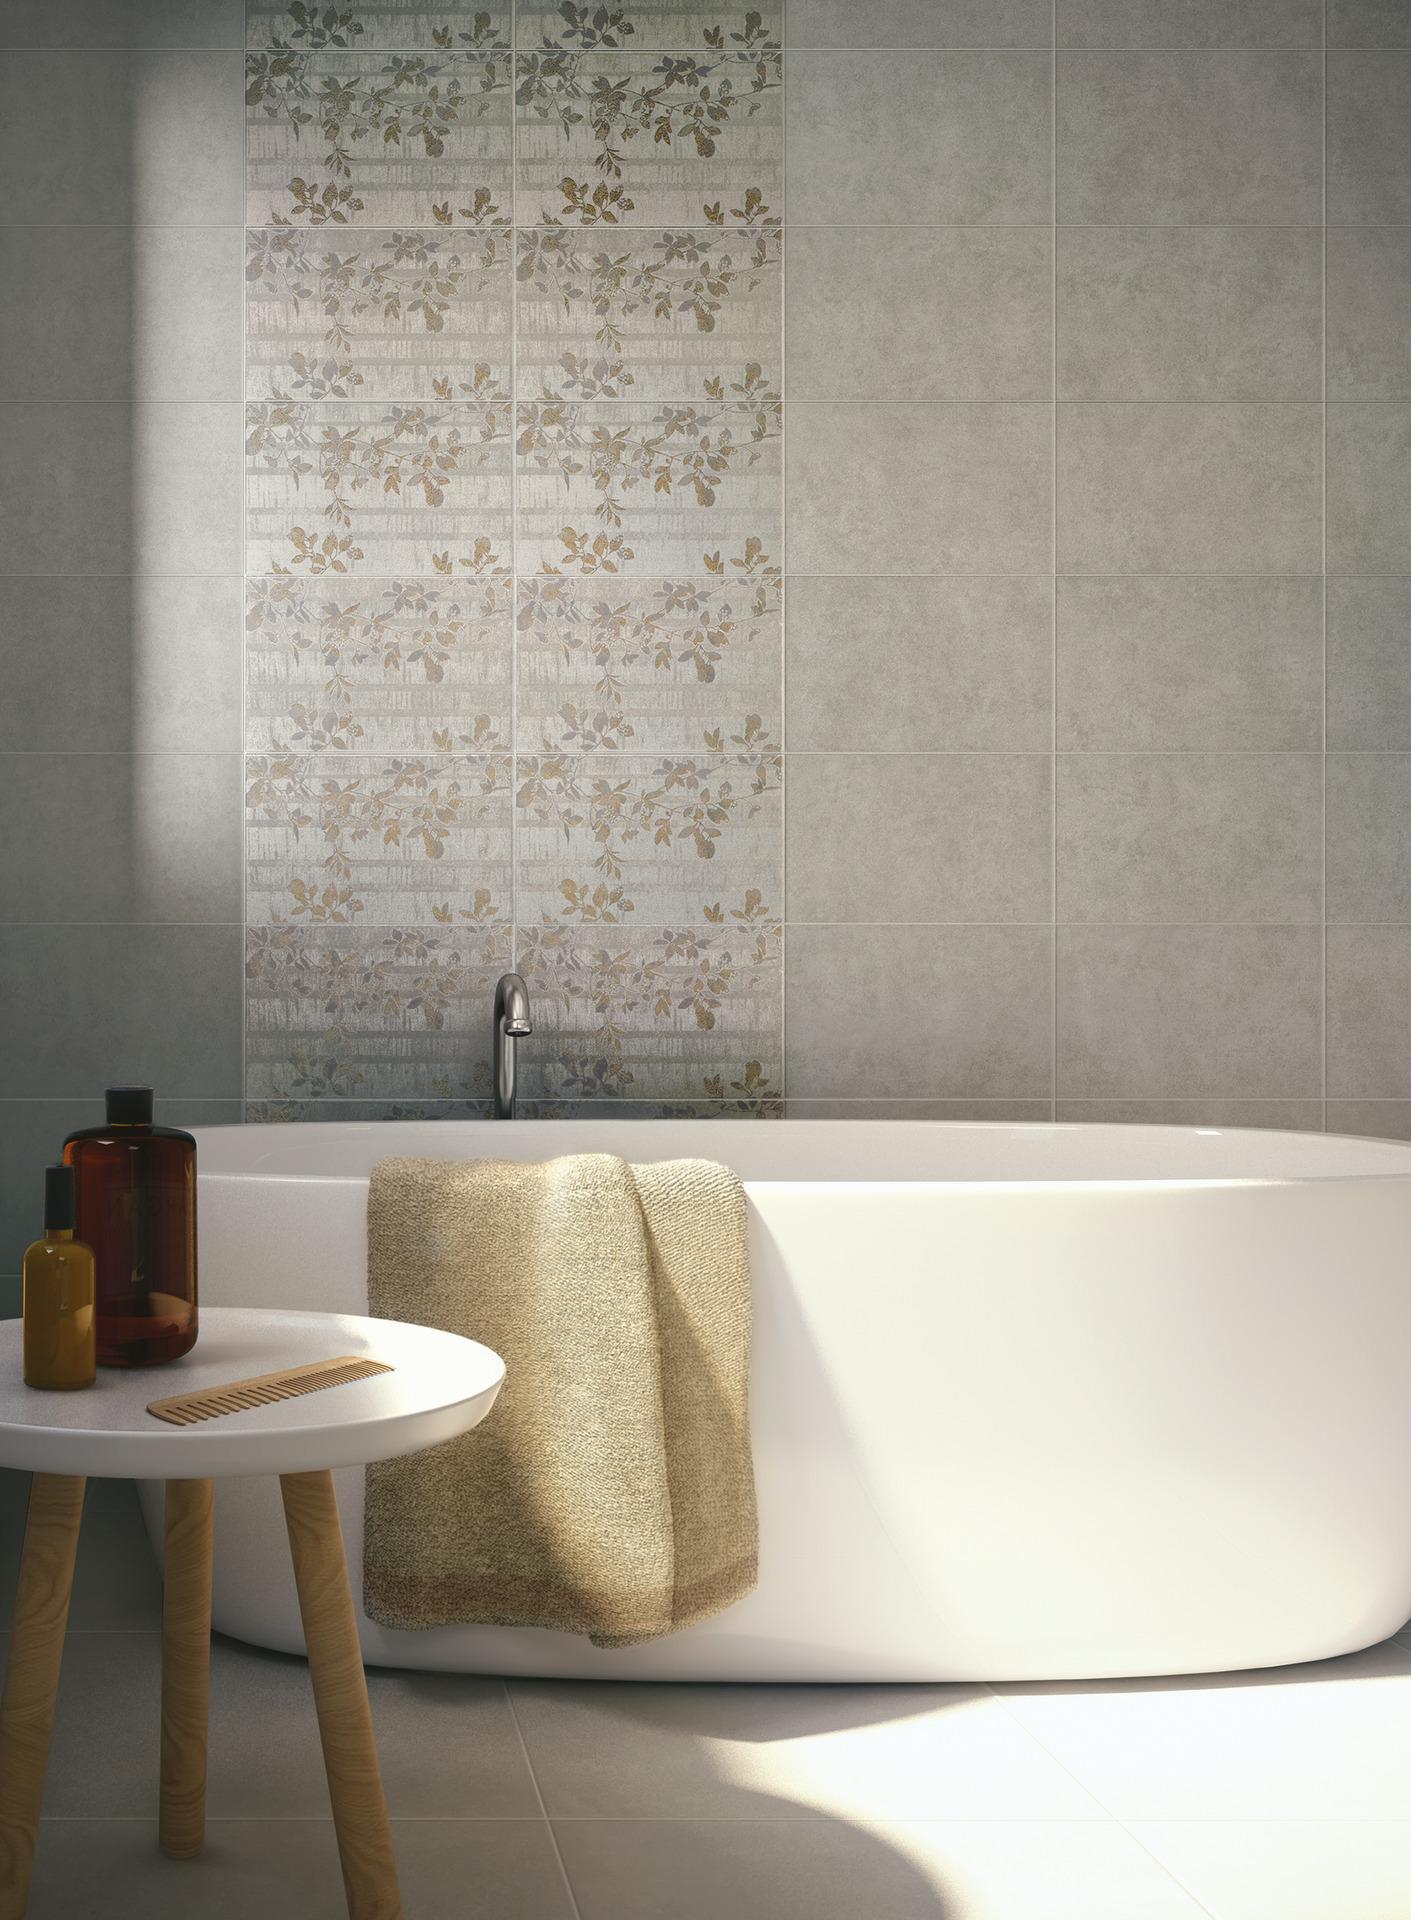 Collezione casablanca ceramica per bagno e cucina ragno - Ragno rivestimenti bagno ...